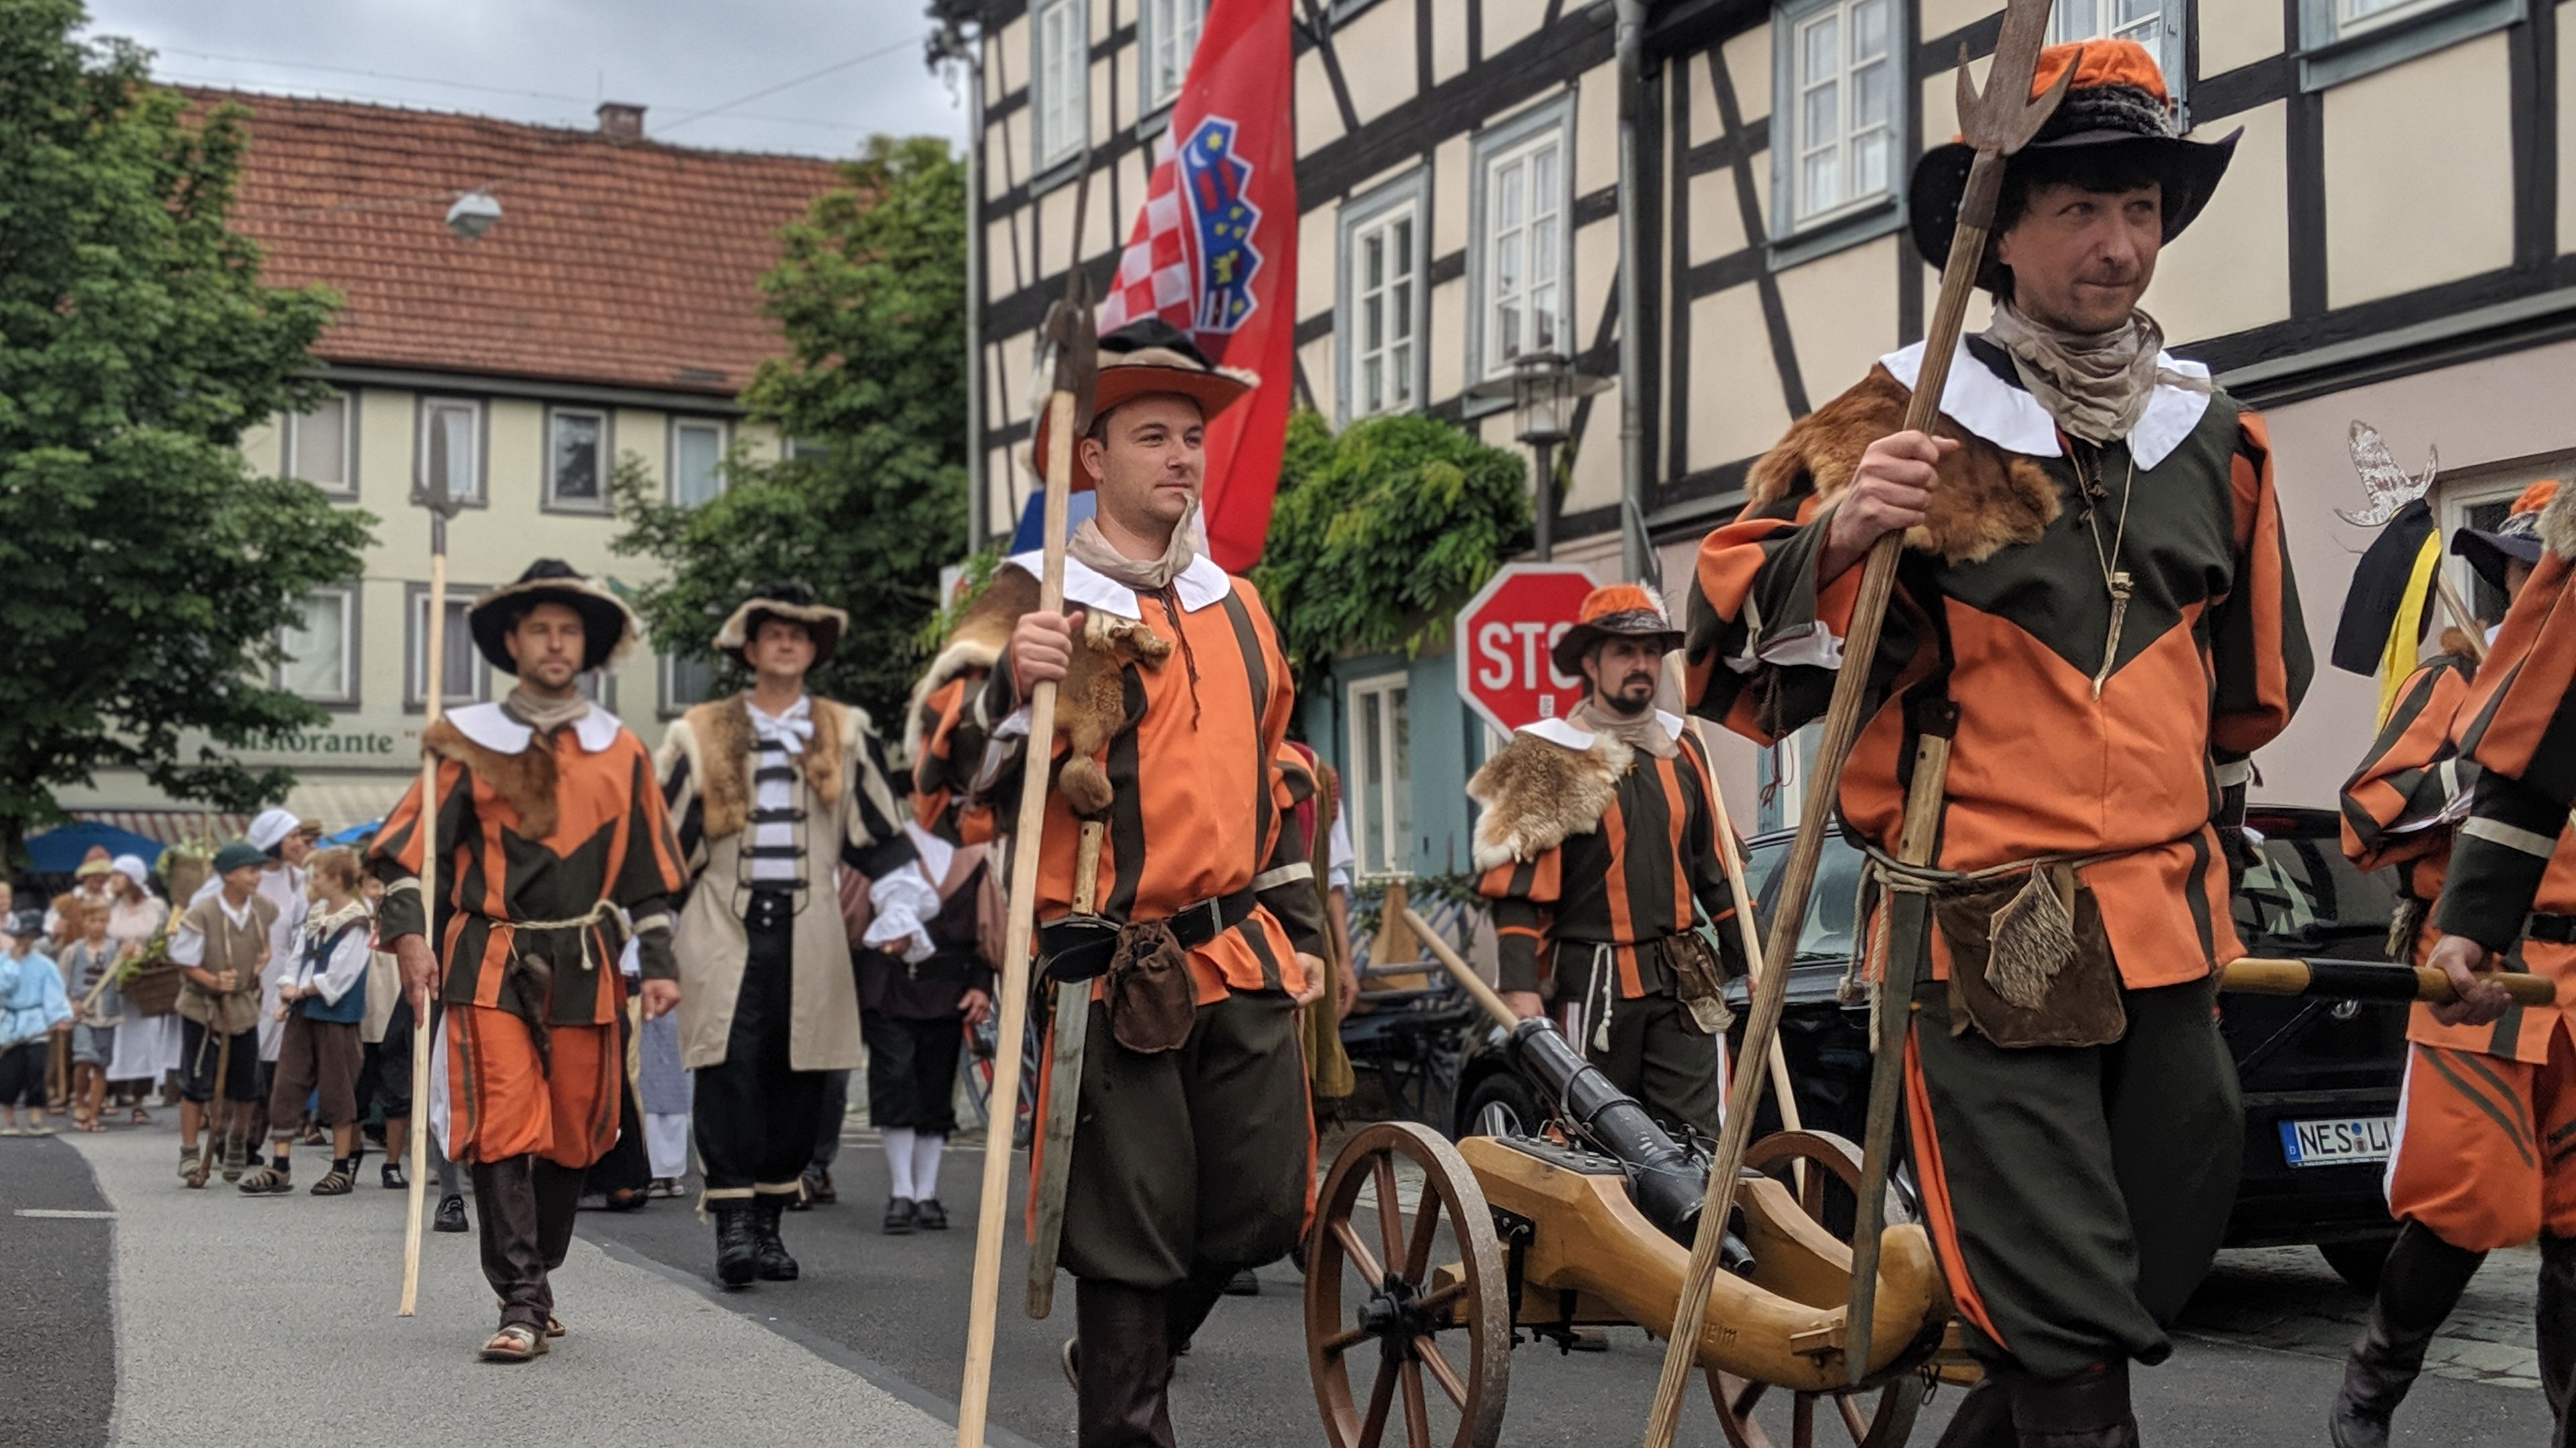 Teilnehmer eines Festumzugs in historischen Kostümen